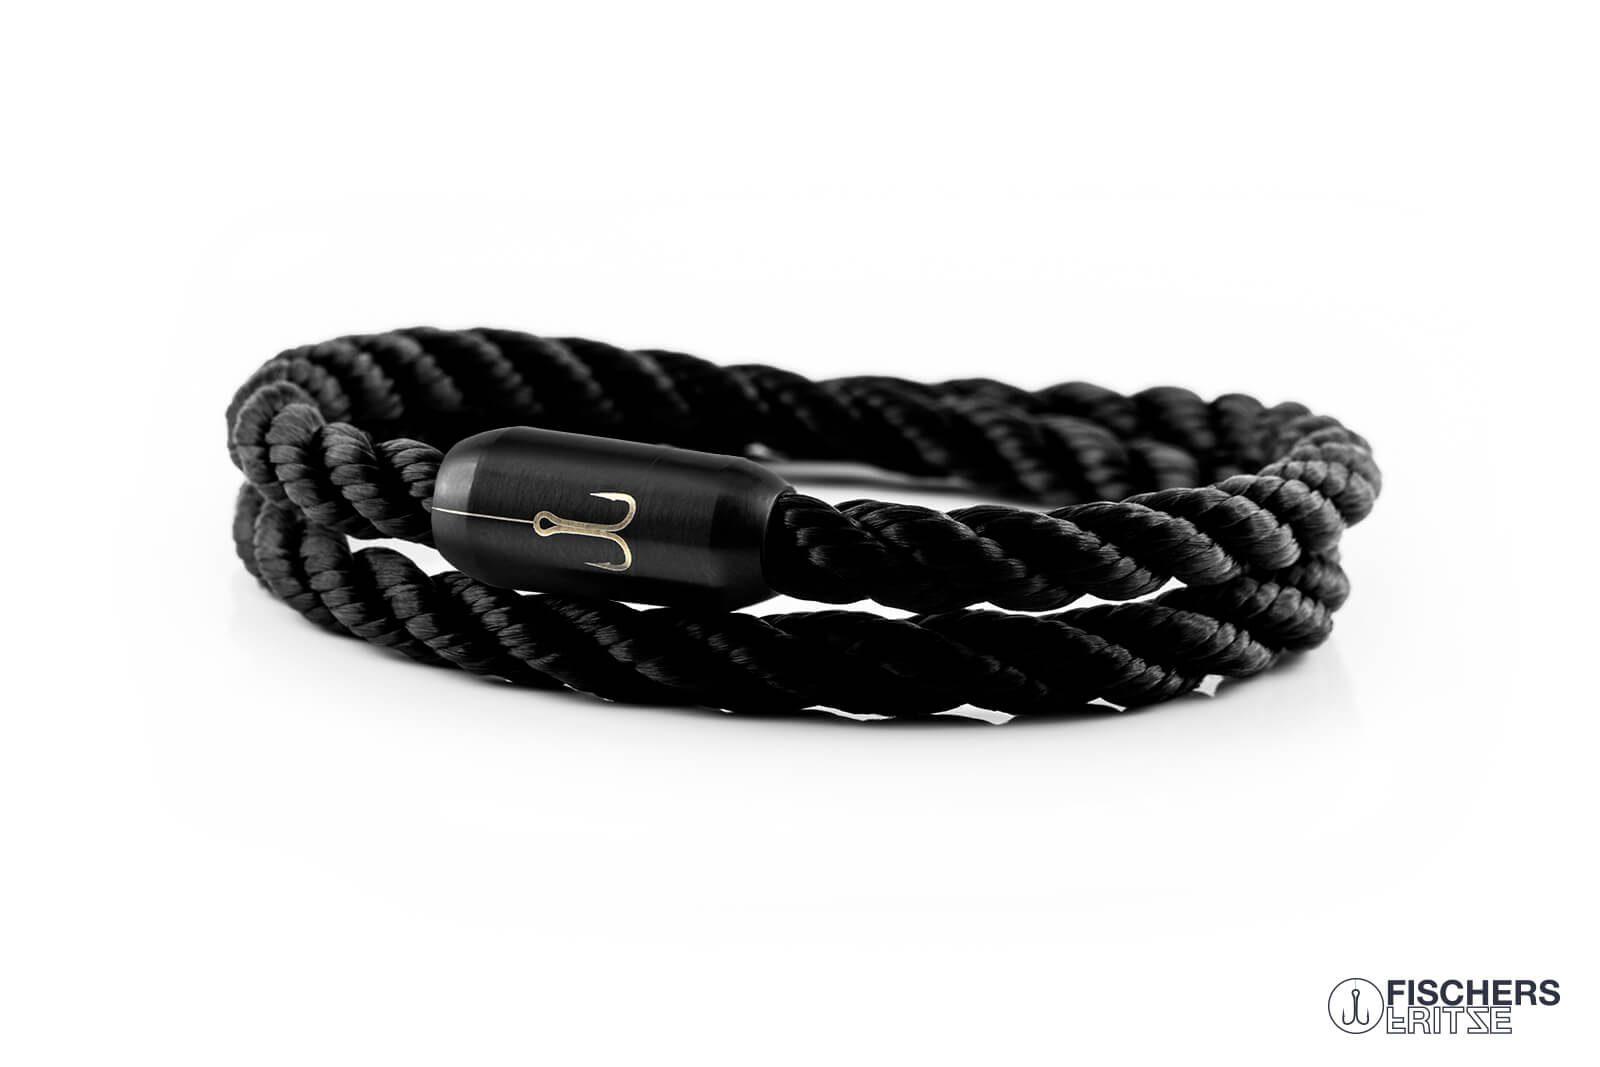 armband fischers fritze torpedogarnele schwarz gedreht segeltau edelstahl magnetverschluss